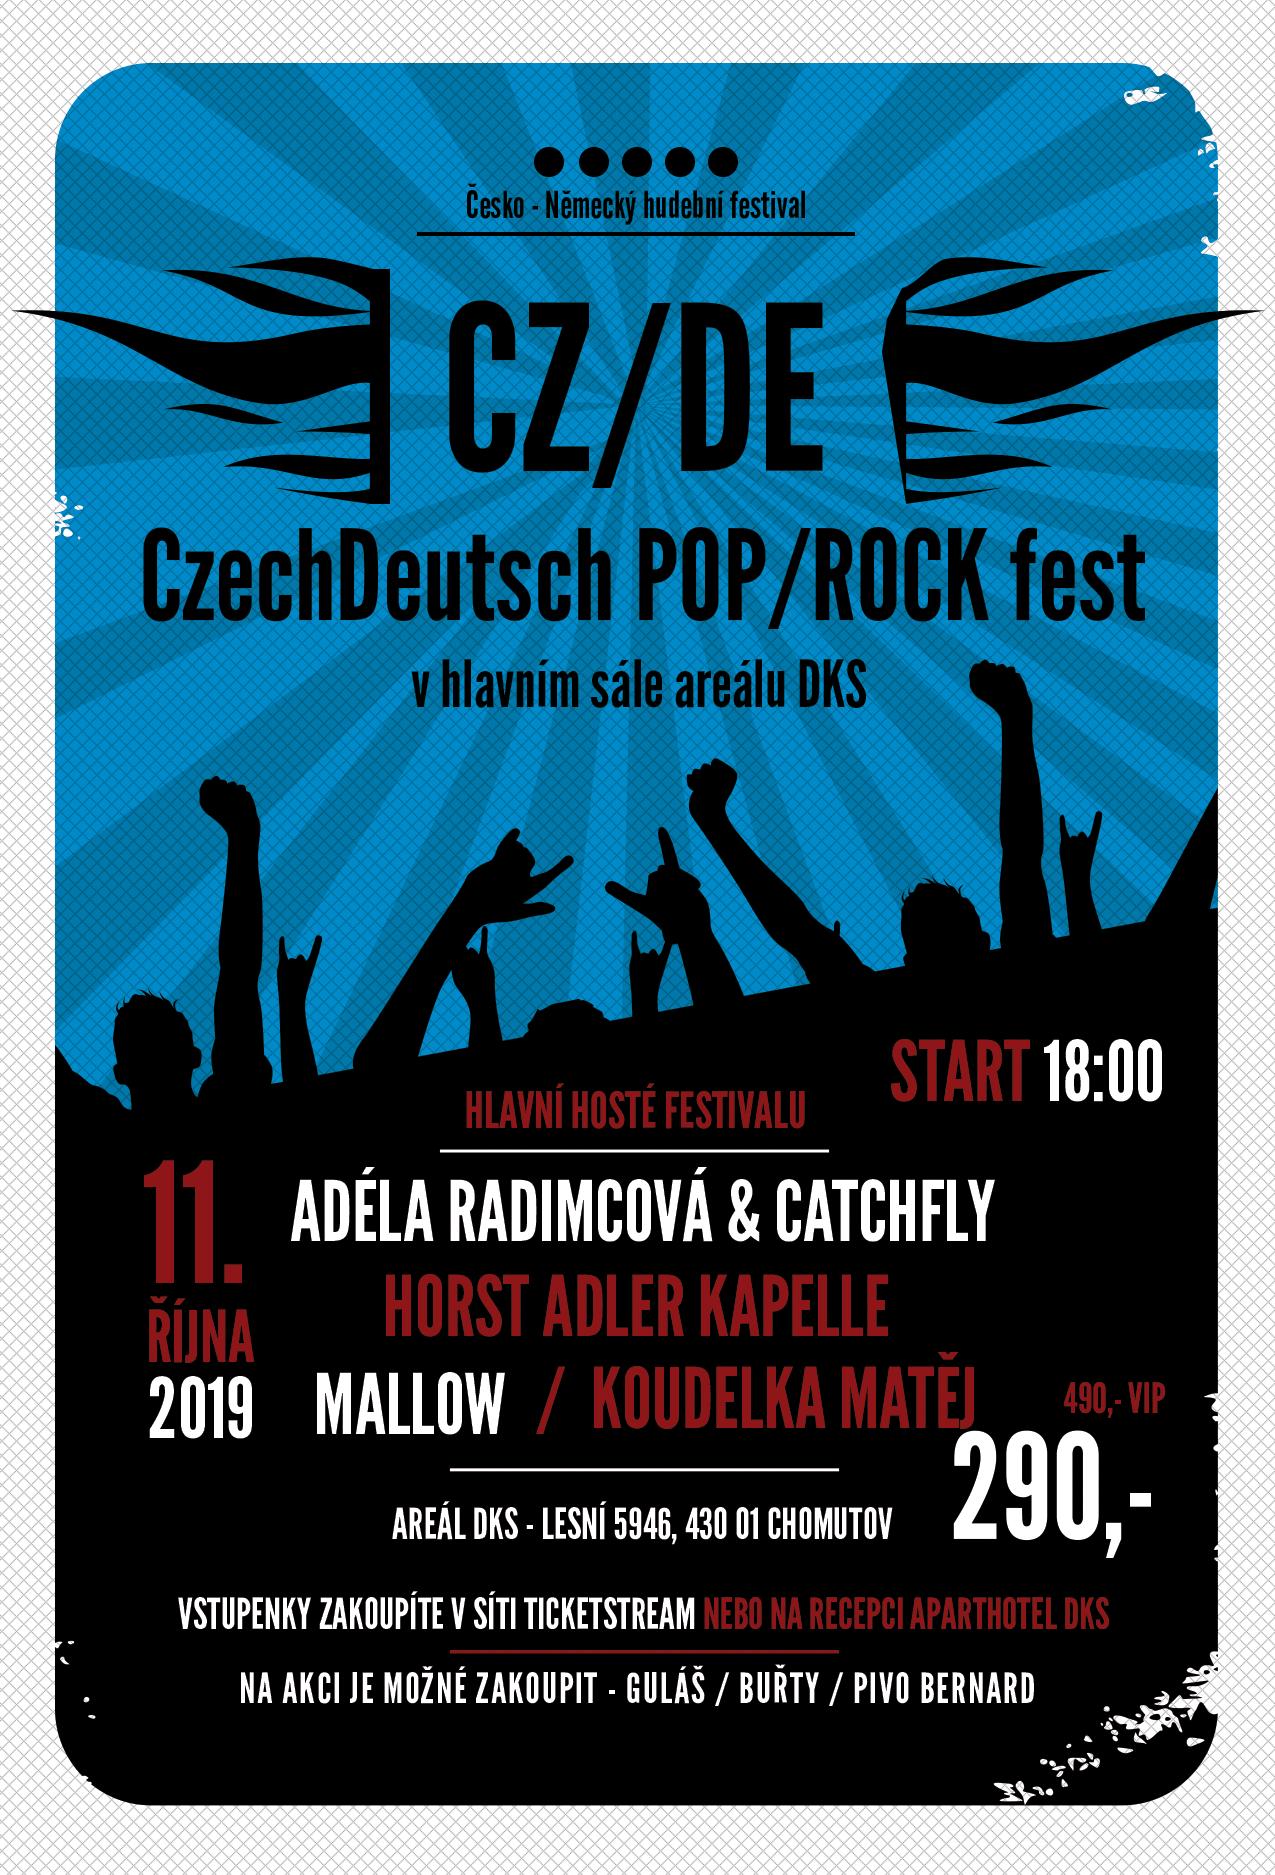 CzechDeutsch POP/ROCK fest